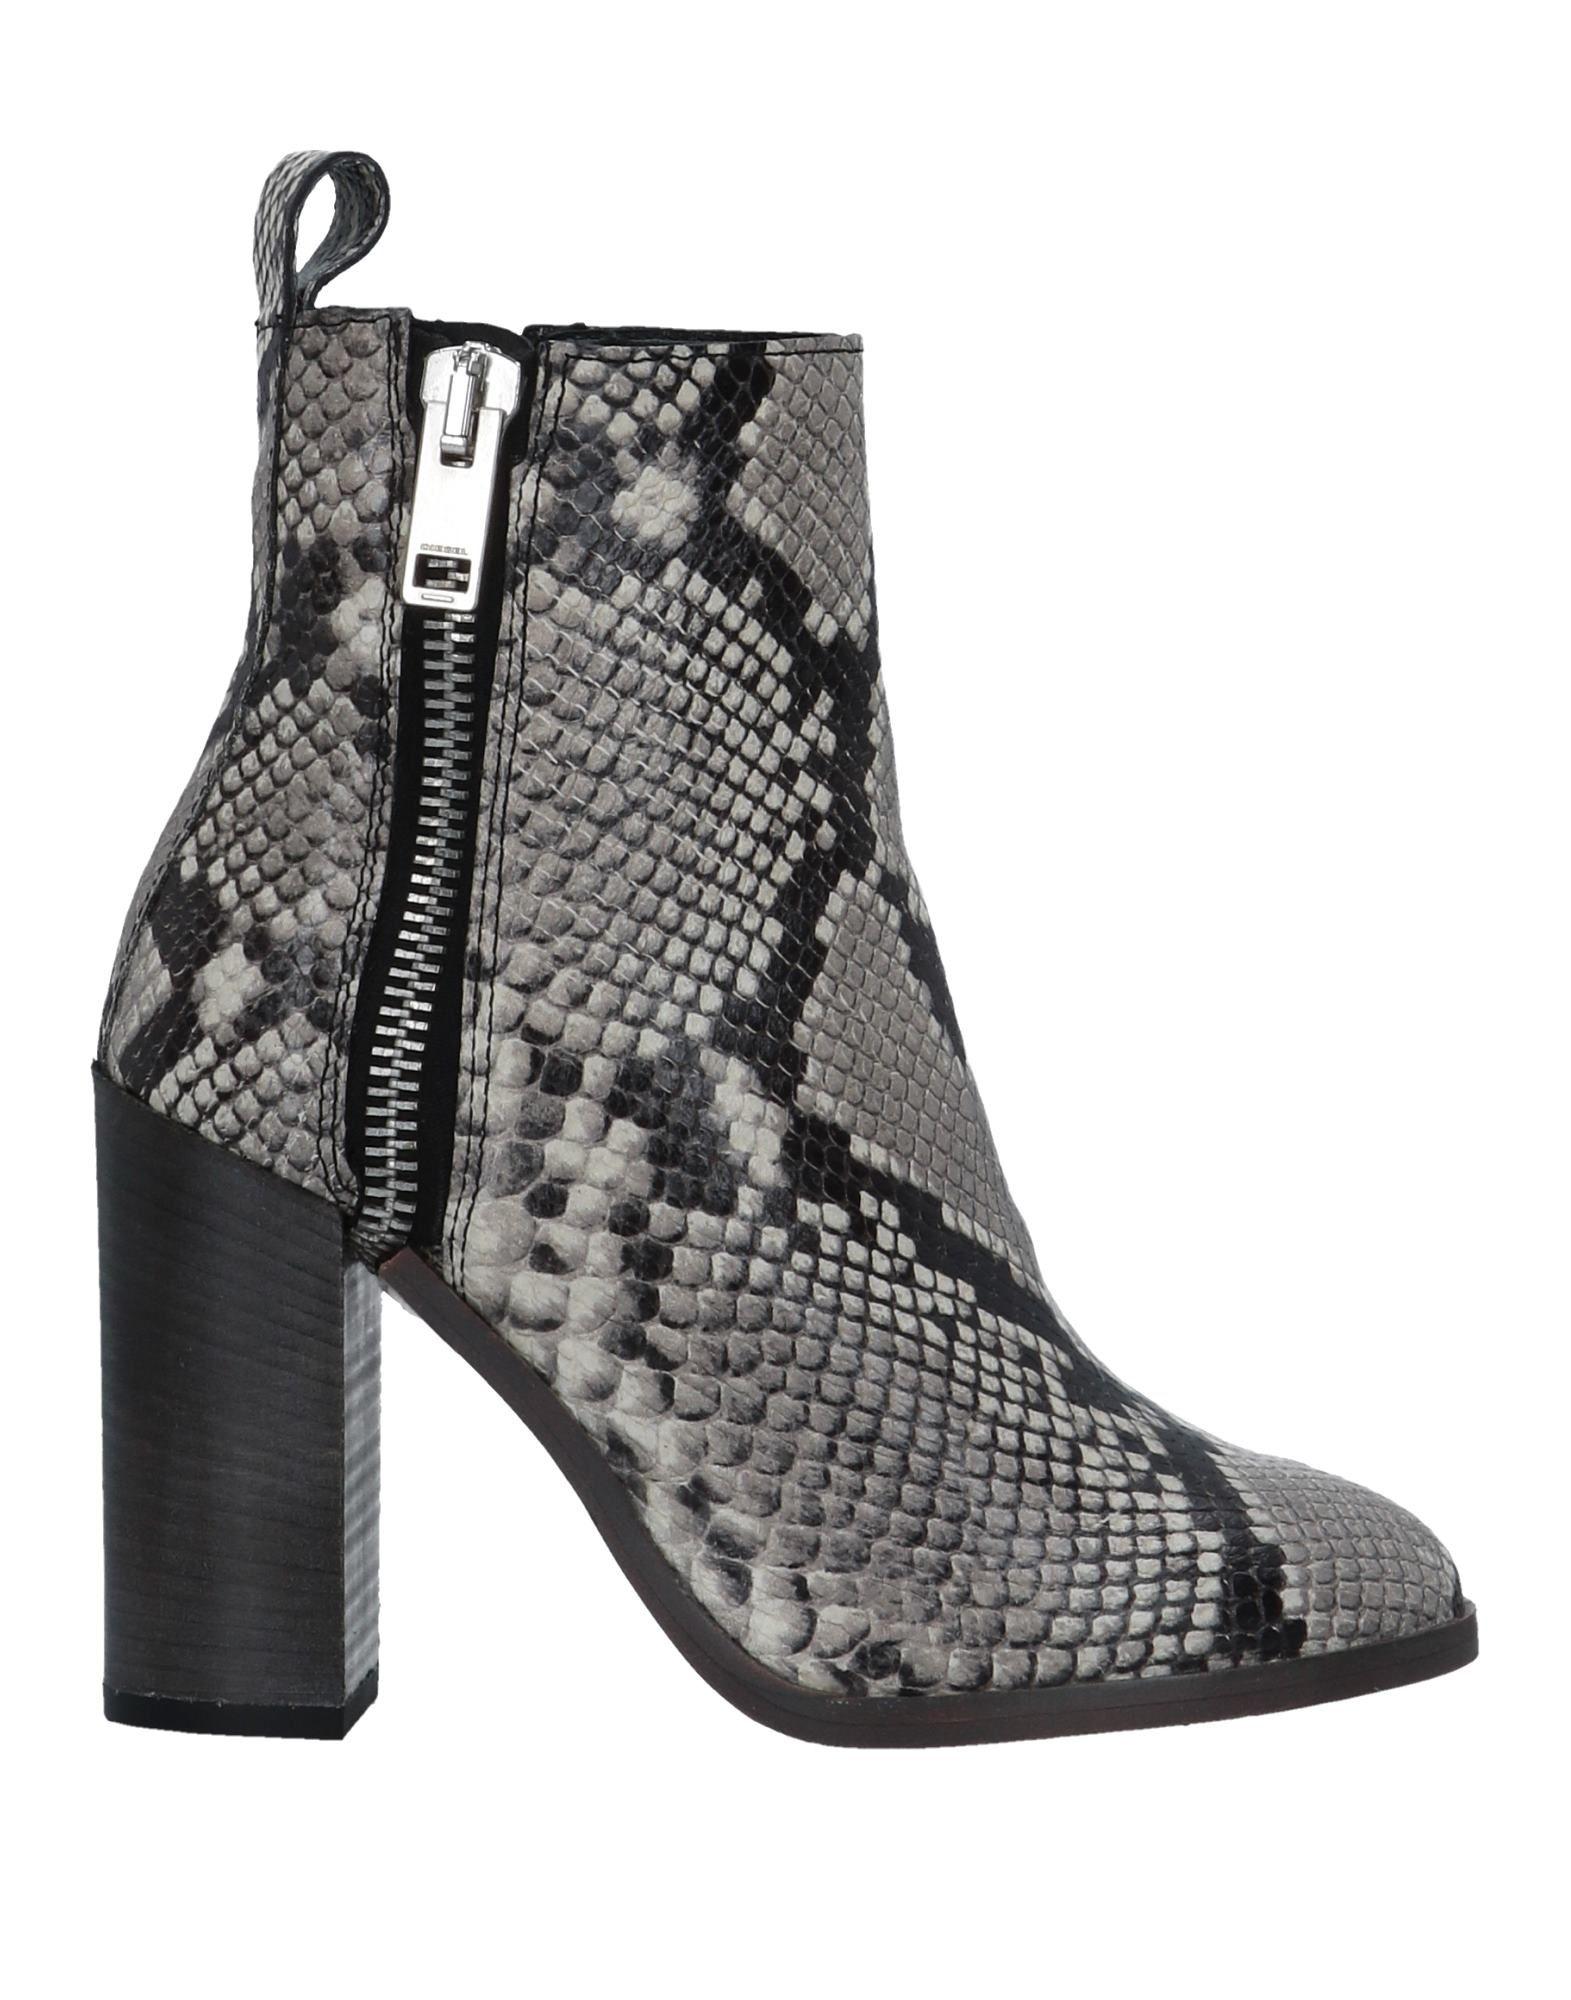 Diesel Stiefelette Damen  11535520NKGut aussehende strapazierfähige Schuhe